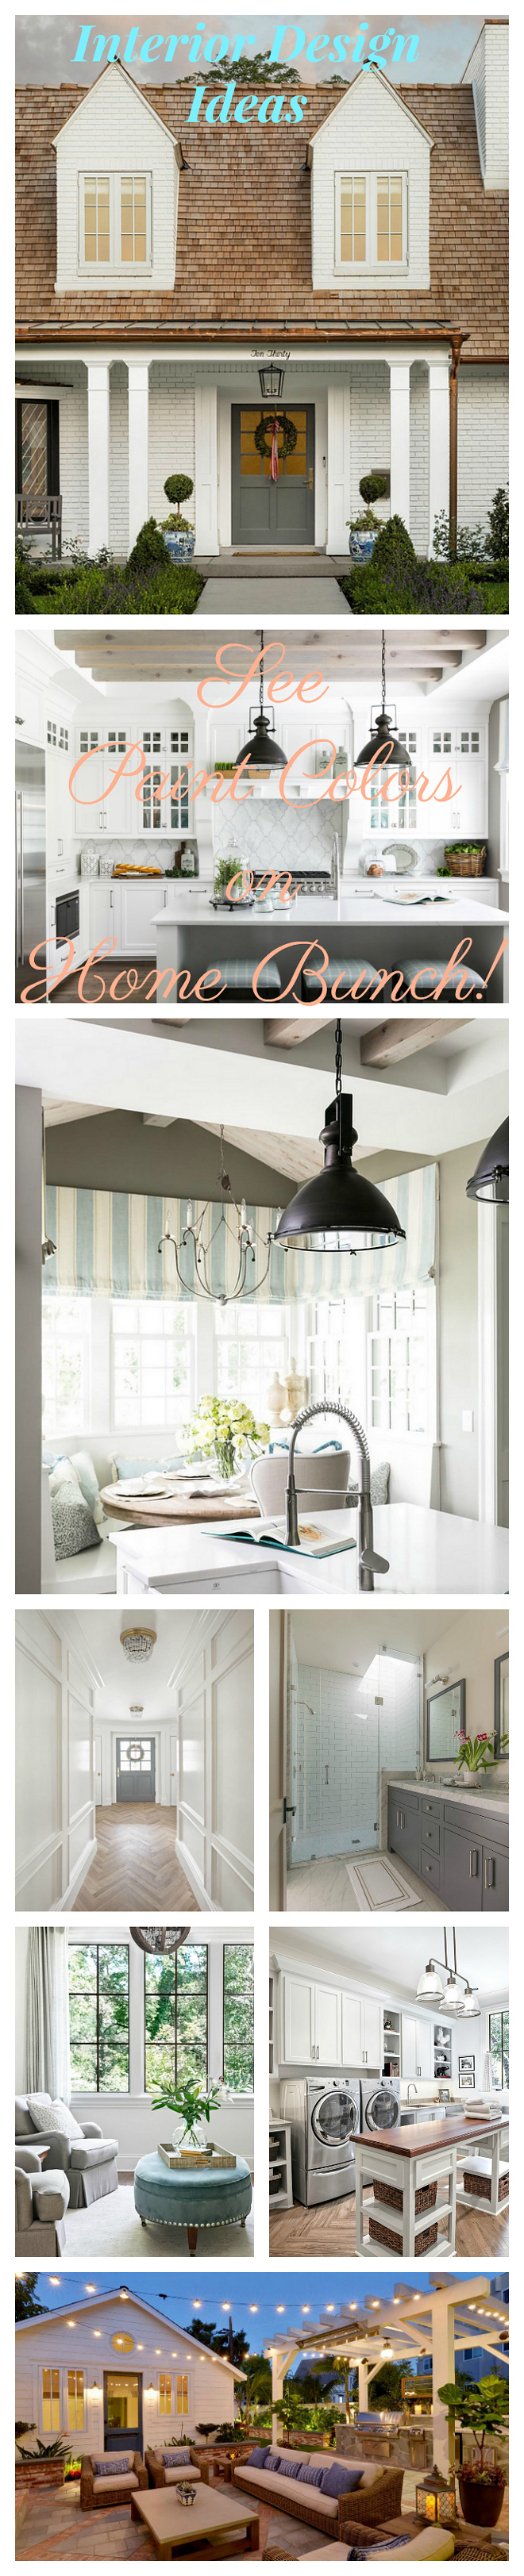 Interior Design Ideas. Interior Design Ideas Pictures, Photos, Paint Colors